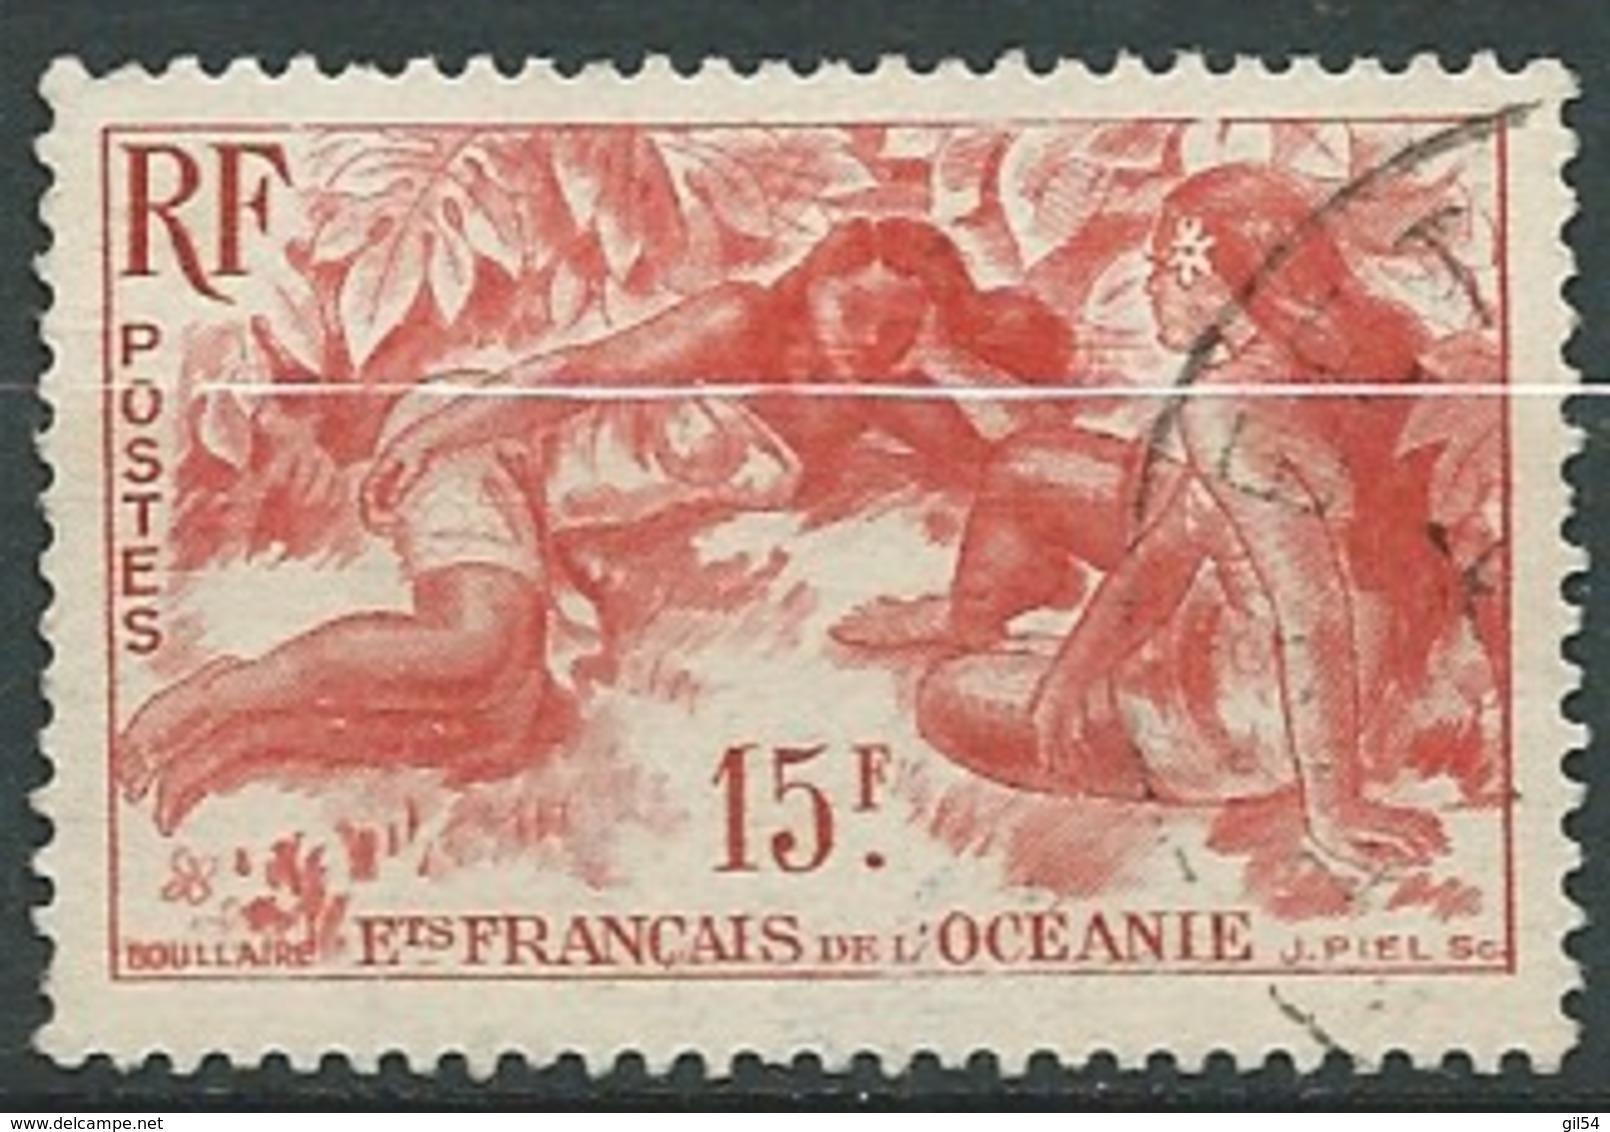 Oc Eanie - Yvert N° 198 Oblitéré     - Ai 27418 - Oceania (1892-1958)